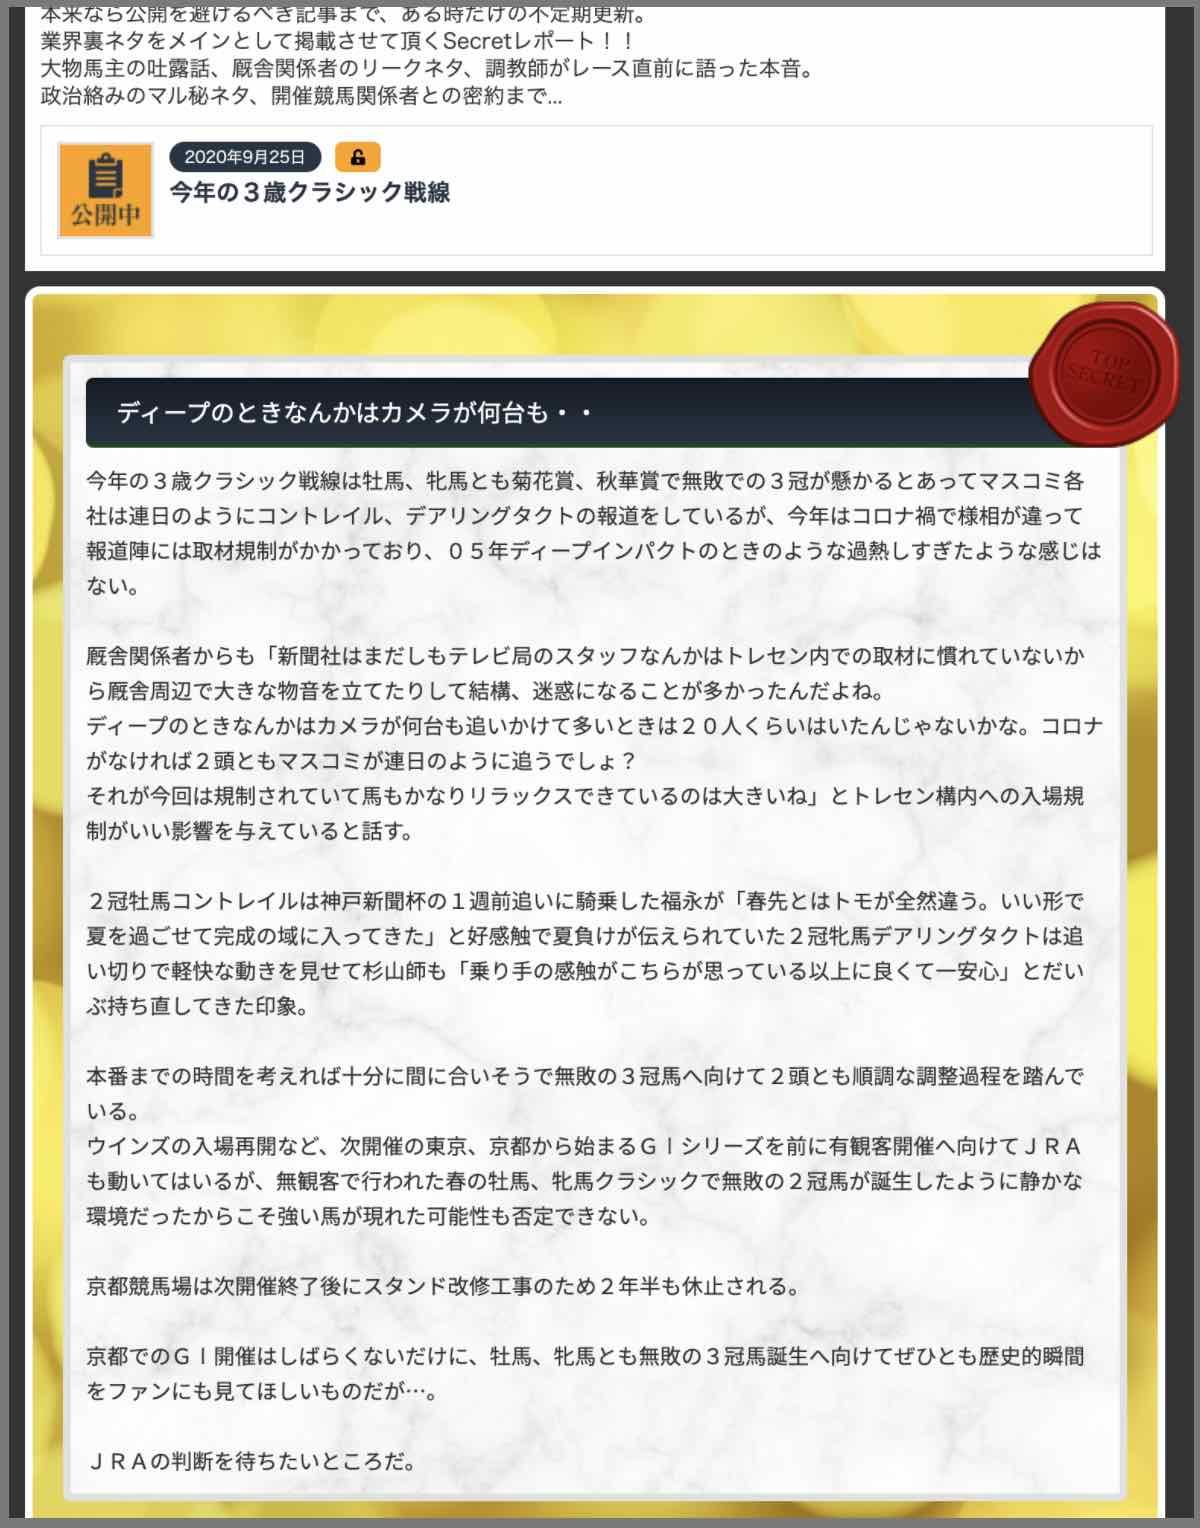 ヒットメーカー(HitMaker)という競馬予想サイトのシークレットレポート